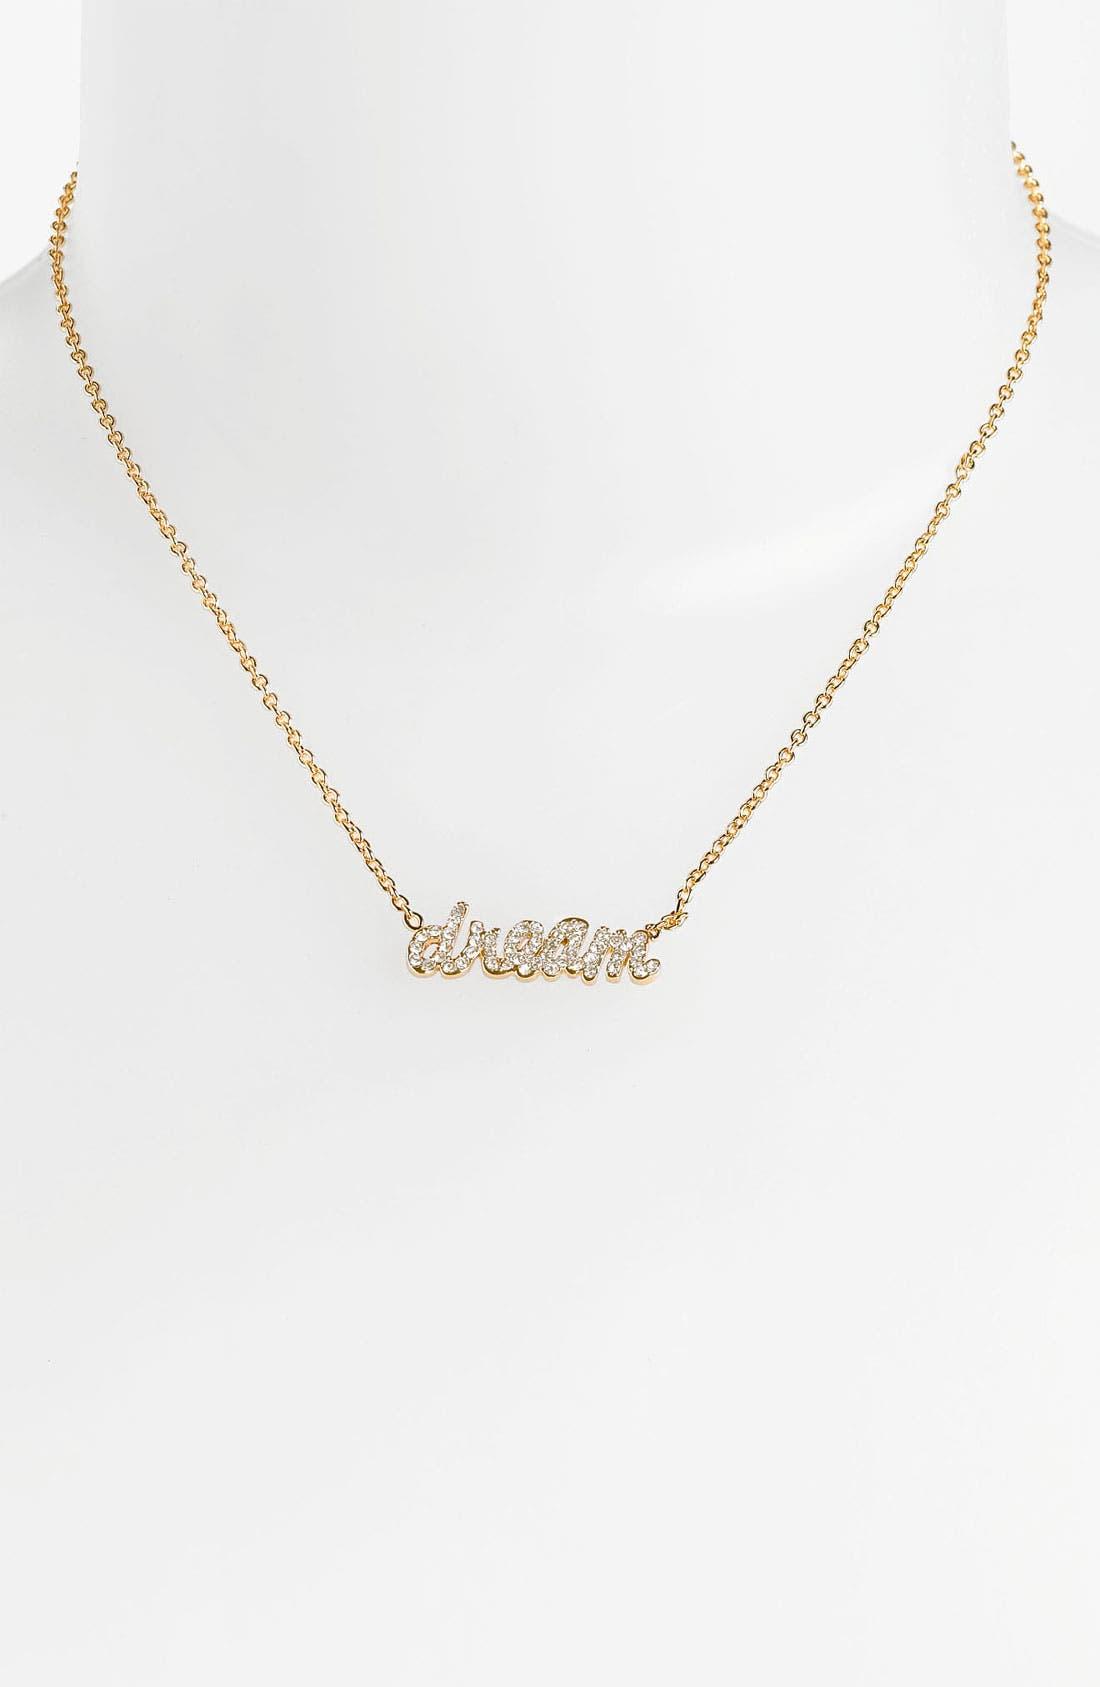 Main Image - Ariella Collection 'Messages - Dream' Script Pendant Necklace